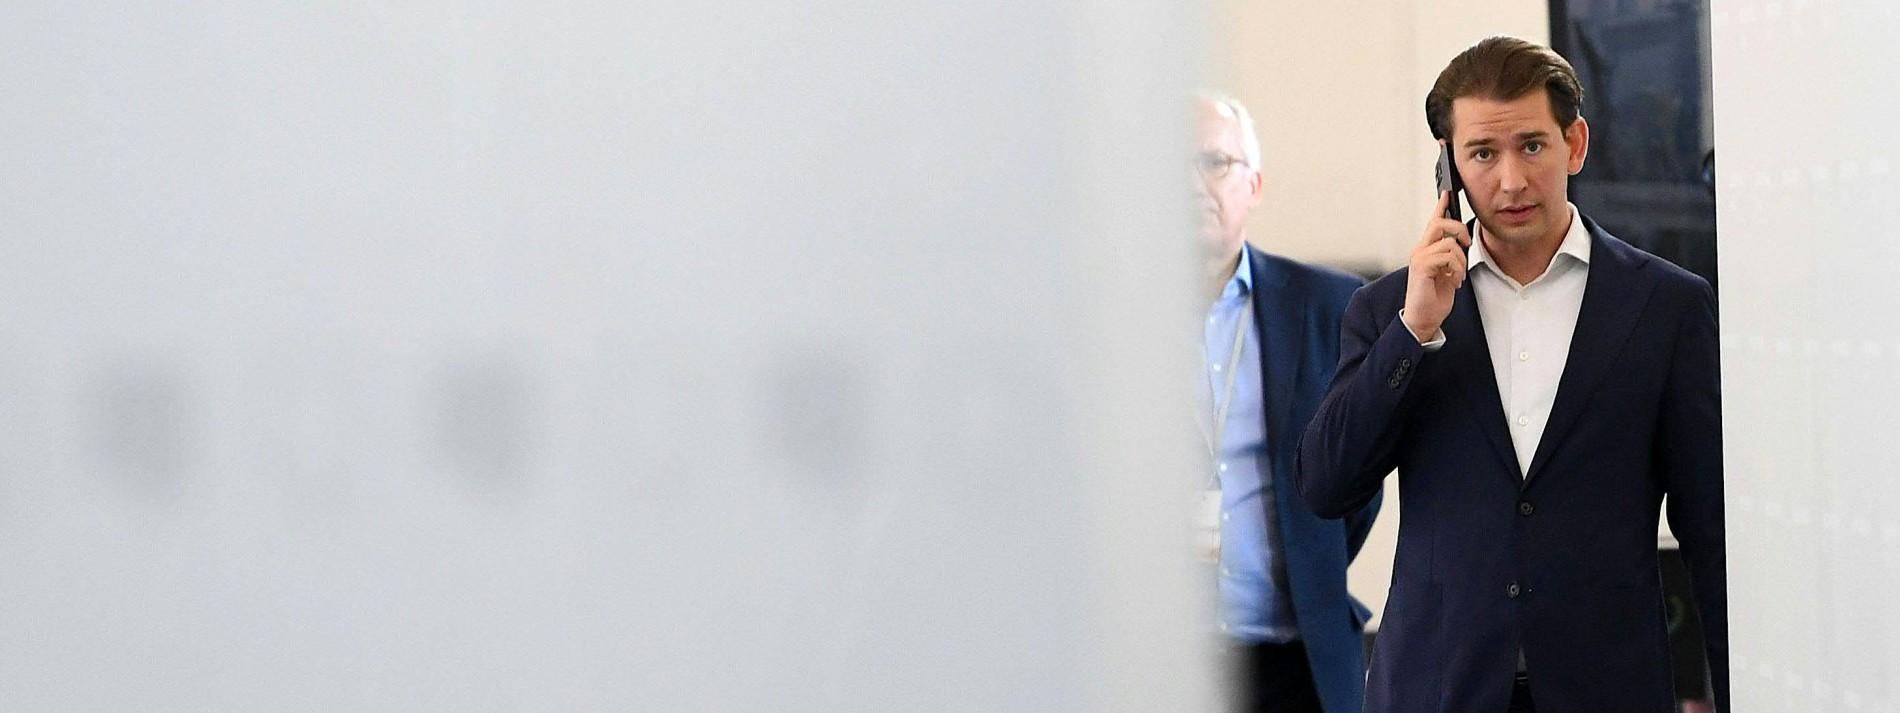 ÖVP muss sich auch U-Ausschuss im Parlament stellen